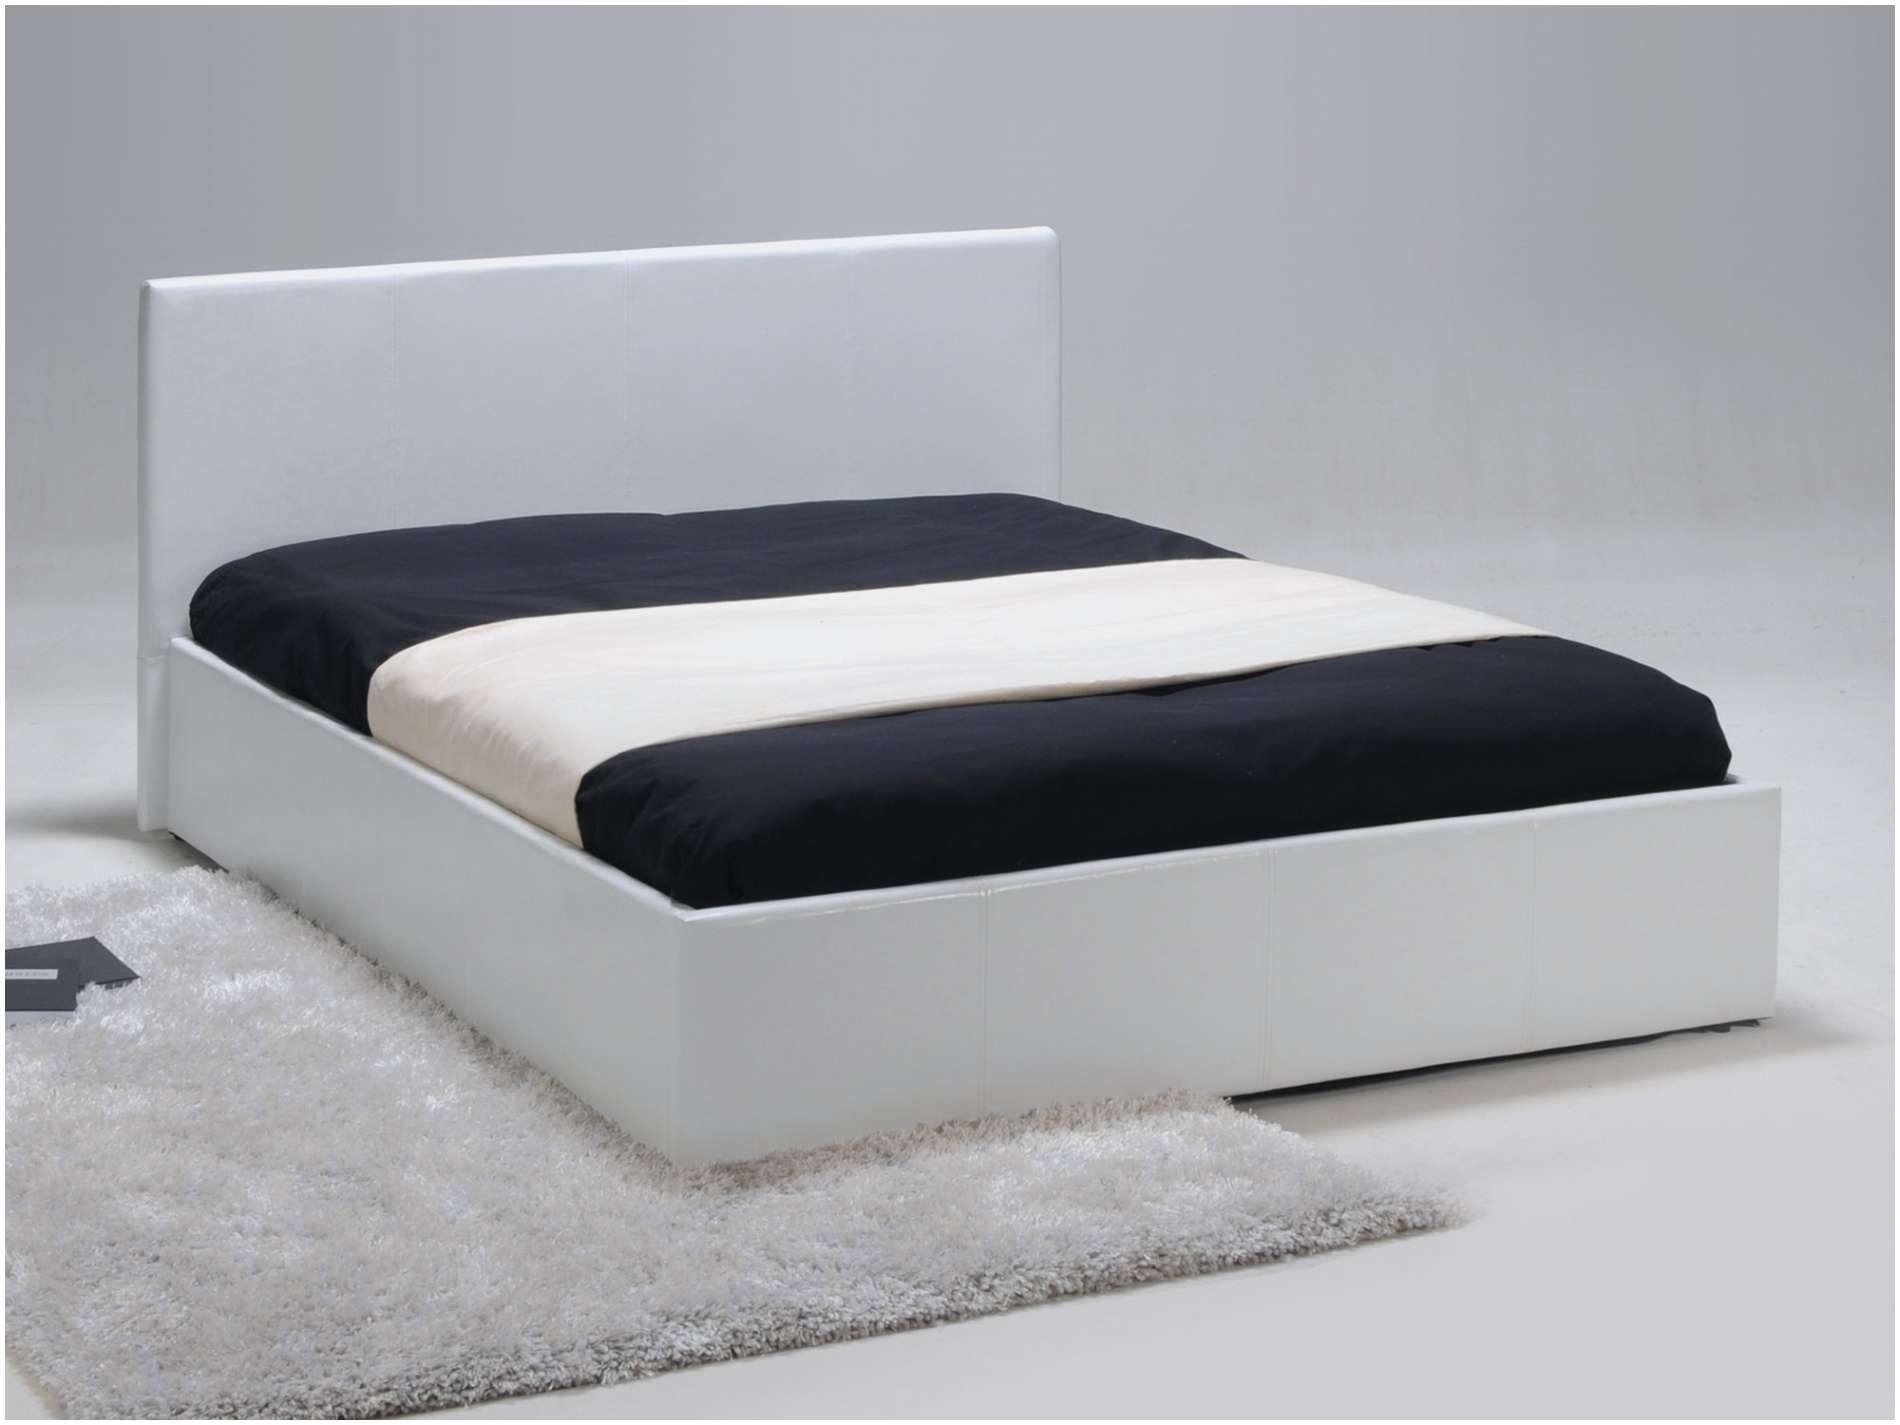 Lit Coffre 140×190 Blanc Beau Impressionnant Lit Coffre 140—190 Bois Lit Coffre 140—190 Blanc